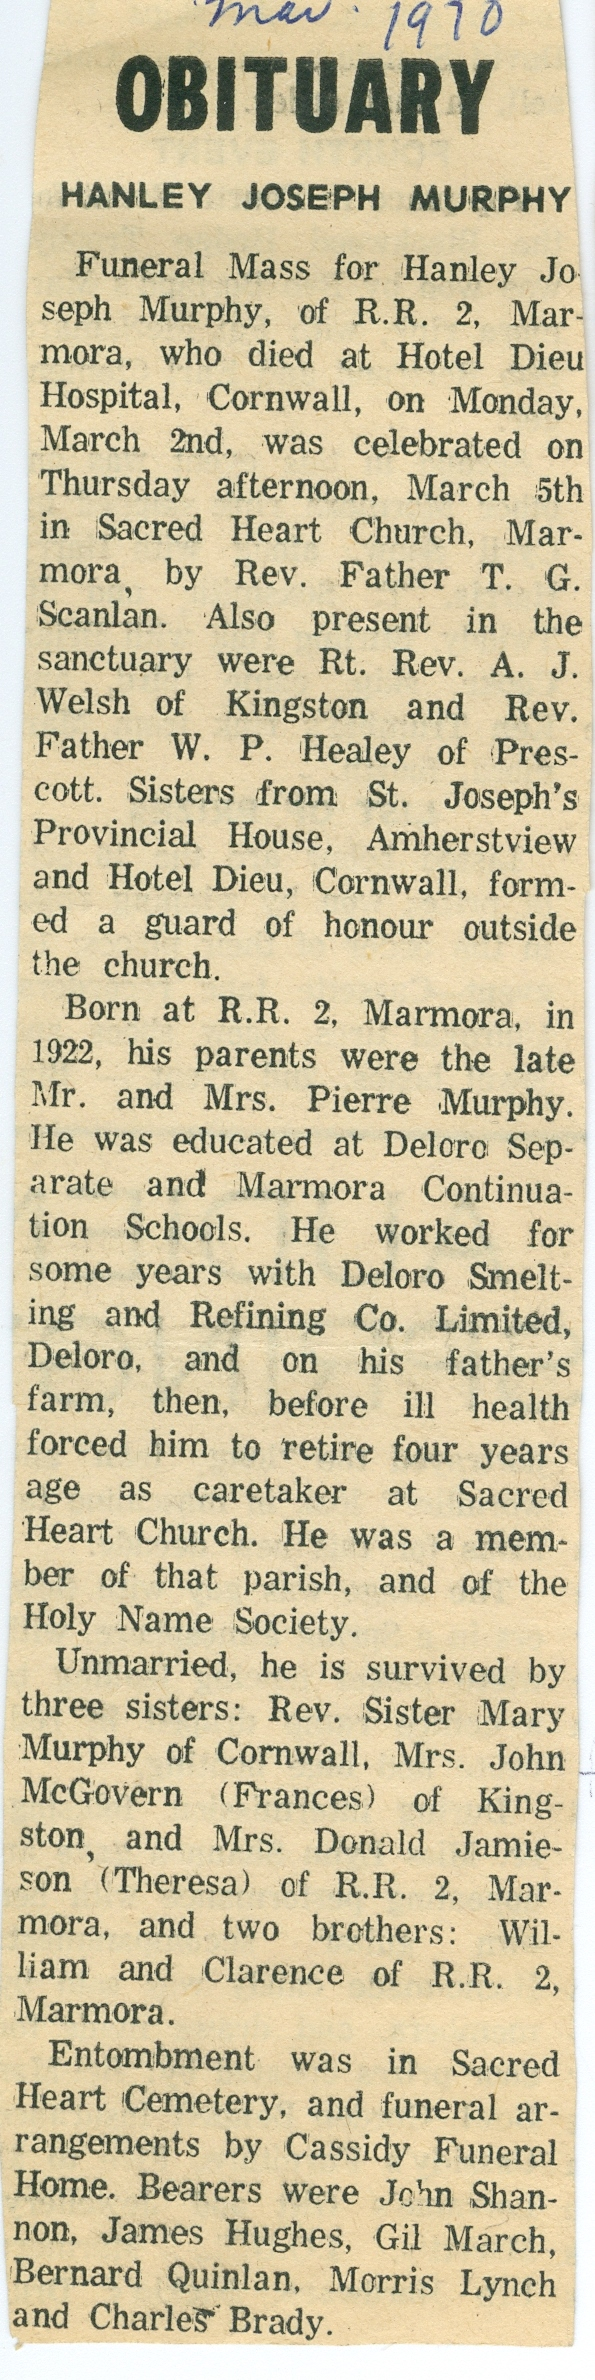 Murphy, Hanley Joseph  1922-1970.jpg